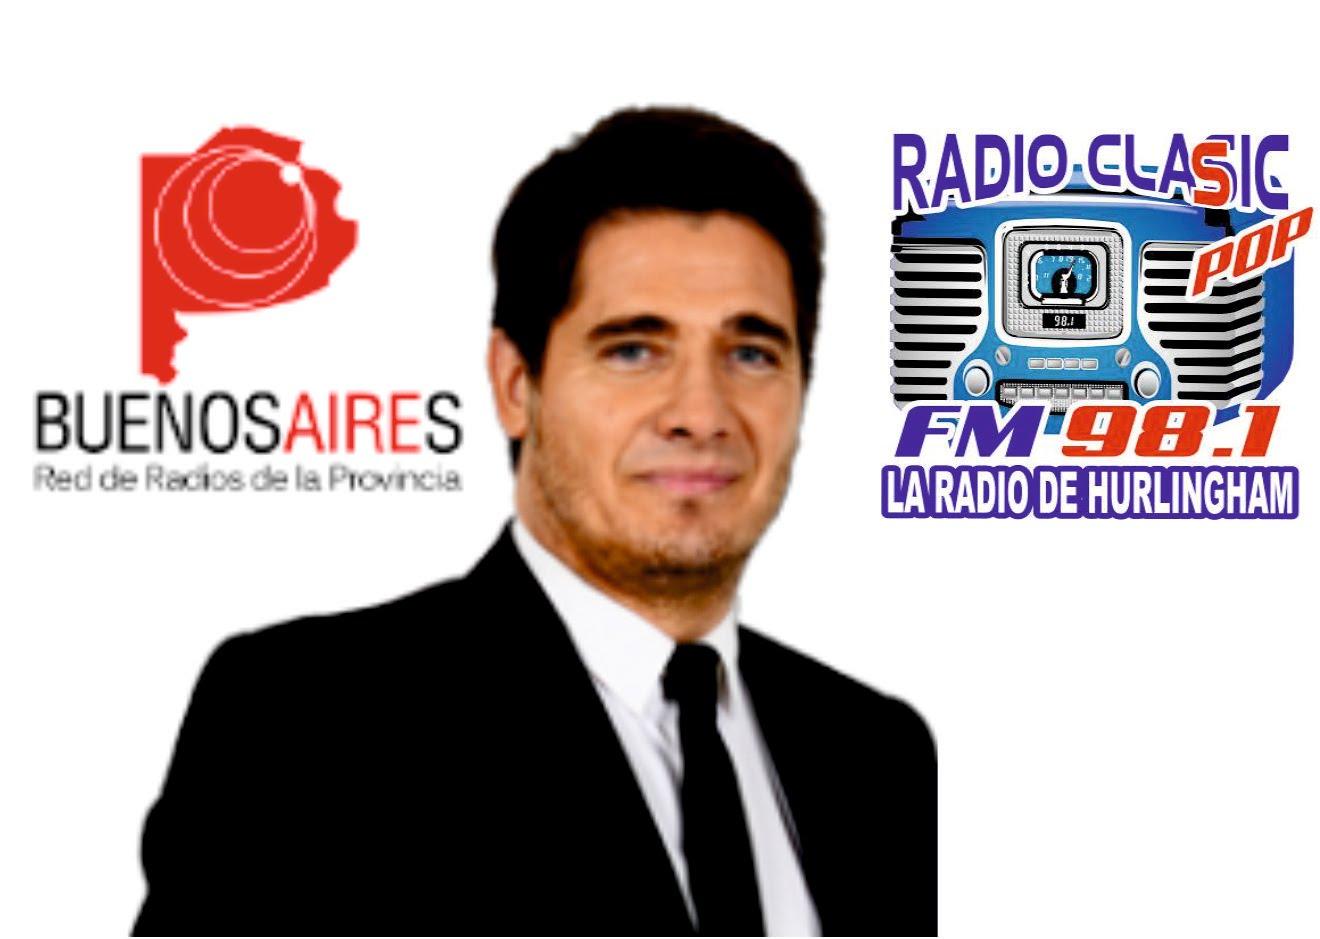 NUESTRA EMISORA FORMA PARTE DE RED DE RADIOS DE LA PROVINCIA DE BUENOS AIRES